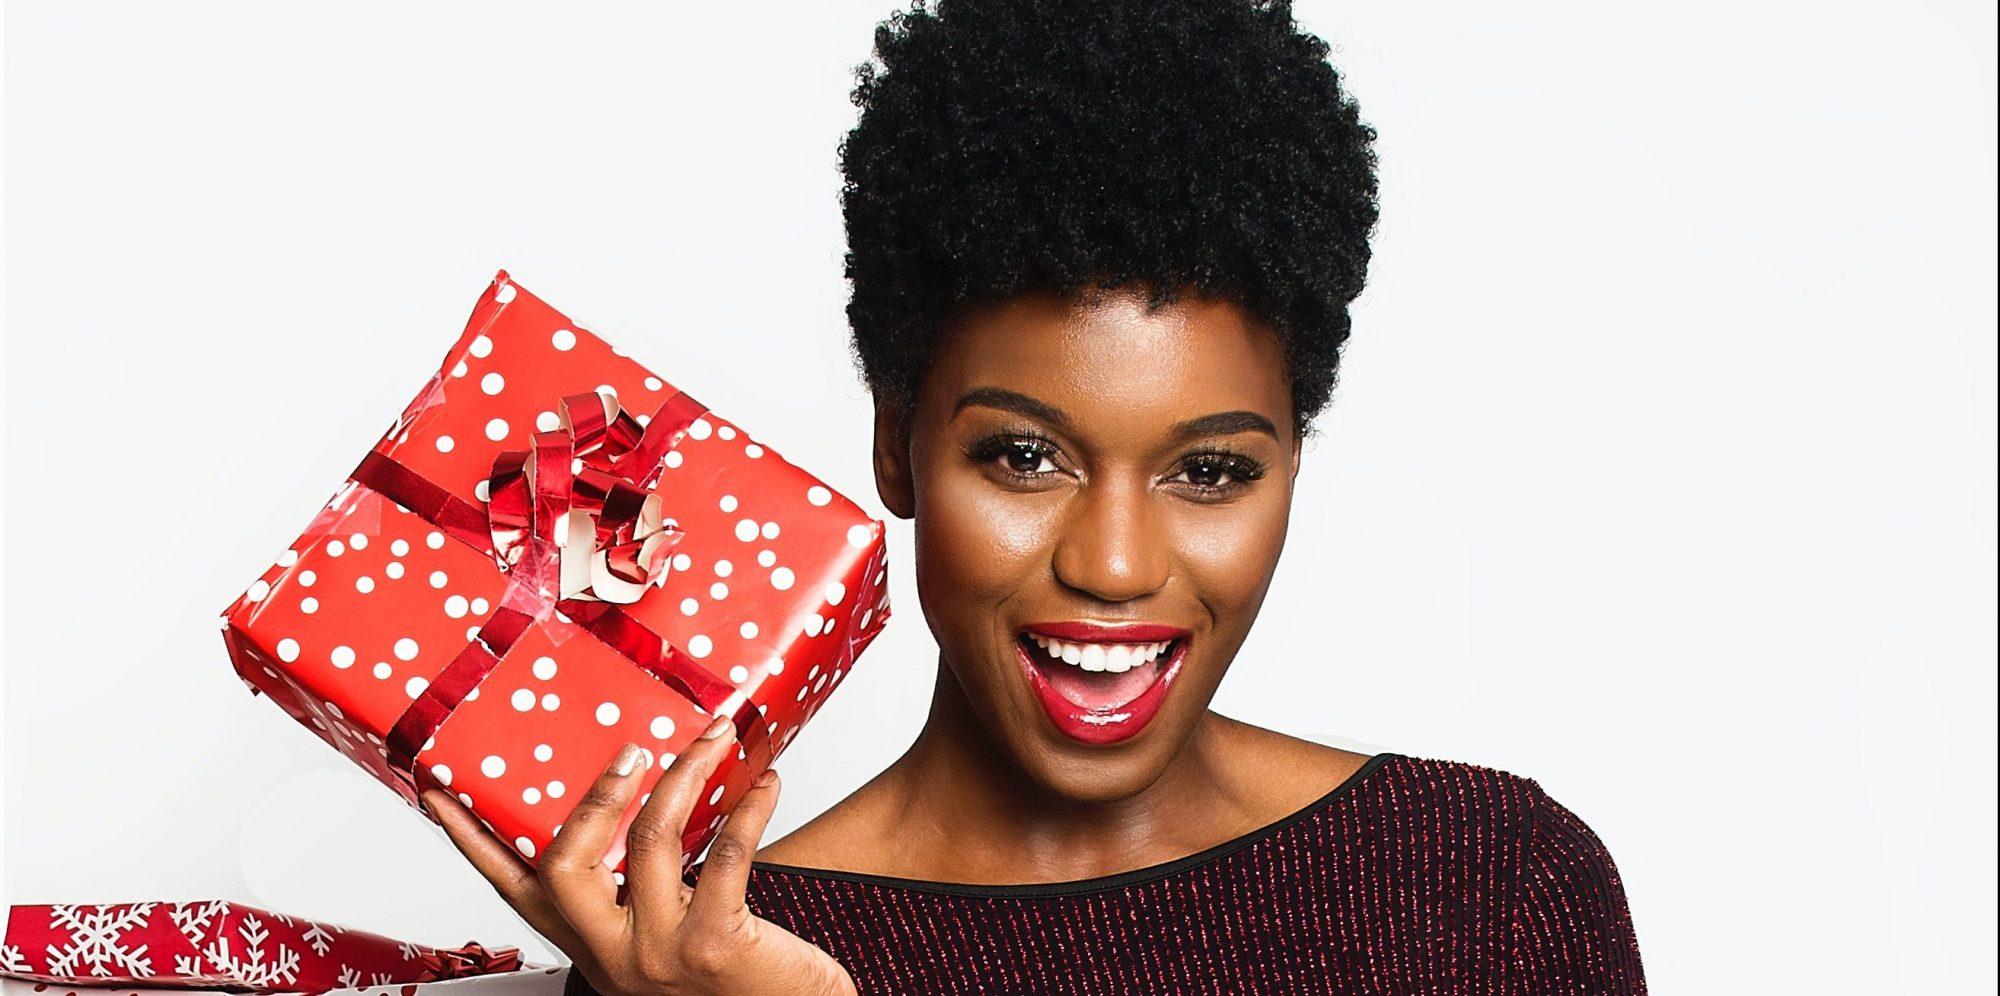 Γιατί να ξεκινήσεις από τώρα να αγοράζεις τα δώρα των Χριστουγέννων (όχι, δεν είναι νωρίς) Οκ, ξέρω πως είναι μόλις τέλος Οκτωβρίου, όμως υπάρχουν σοβαροί λόγοι να ξεκινήσεις από τώρα τα δώρα των Χριστουγέννων.